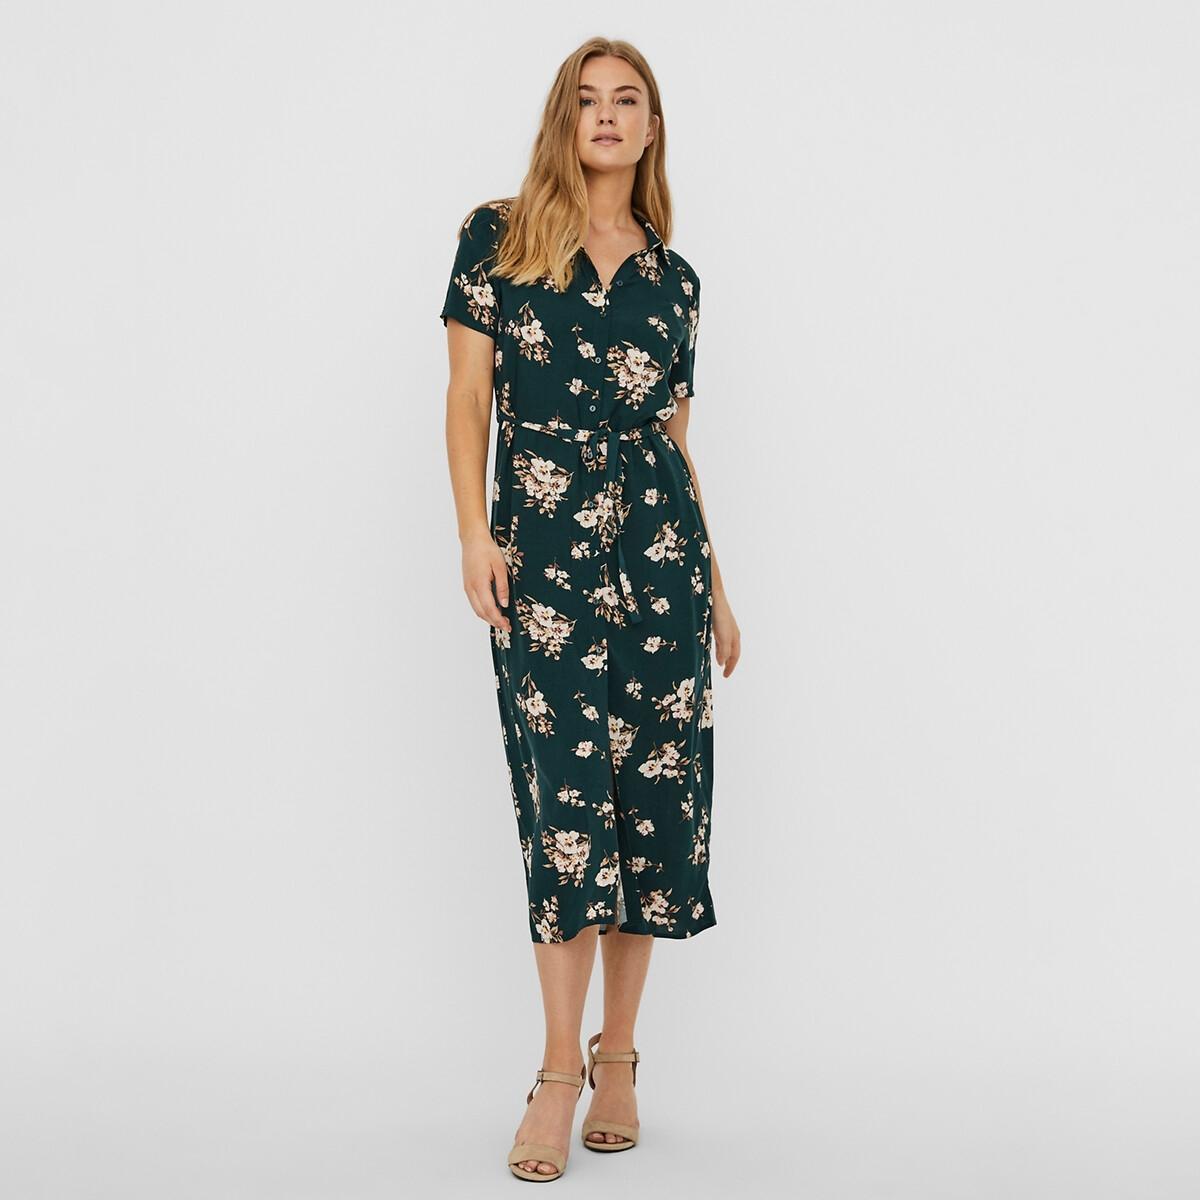 Платье-рубашка La Redoute Длинное с цветочным принтом и завязками S зеленый платье la redoute длинное amandine s разноцветный